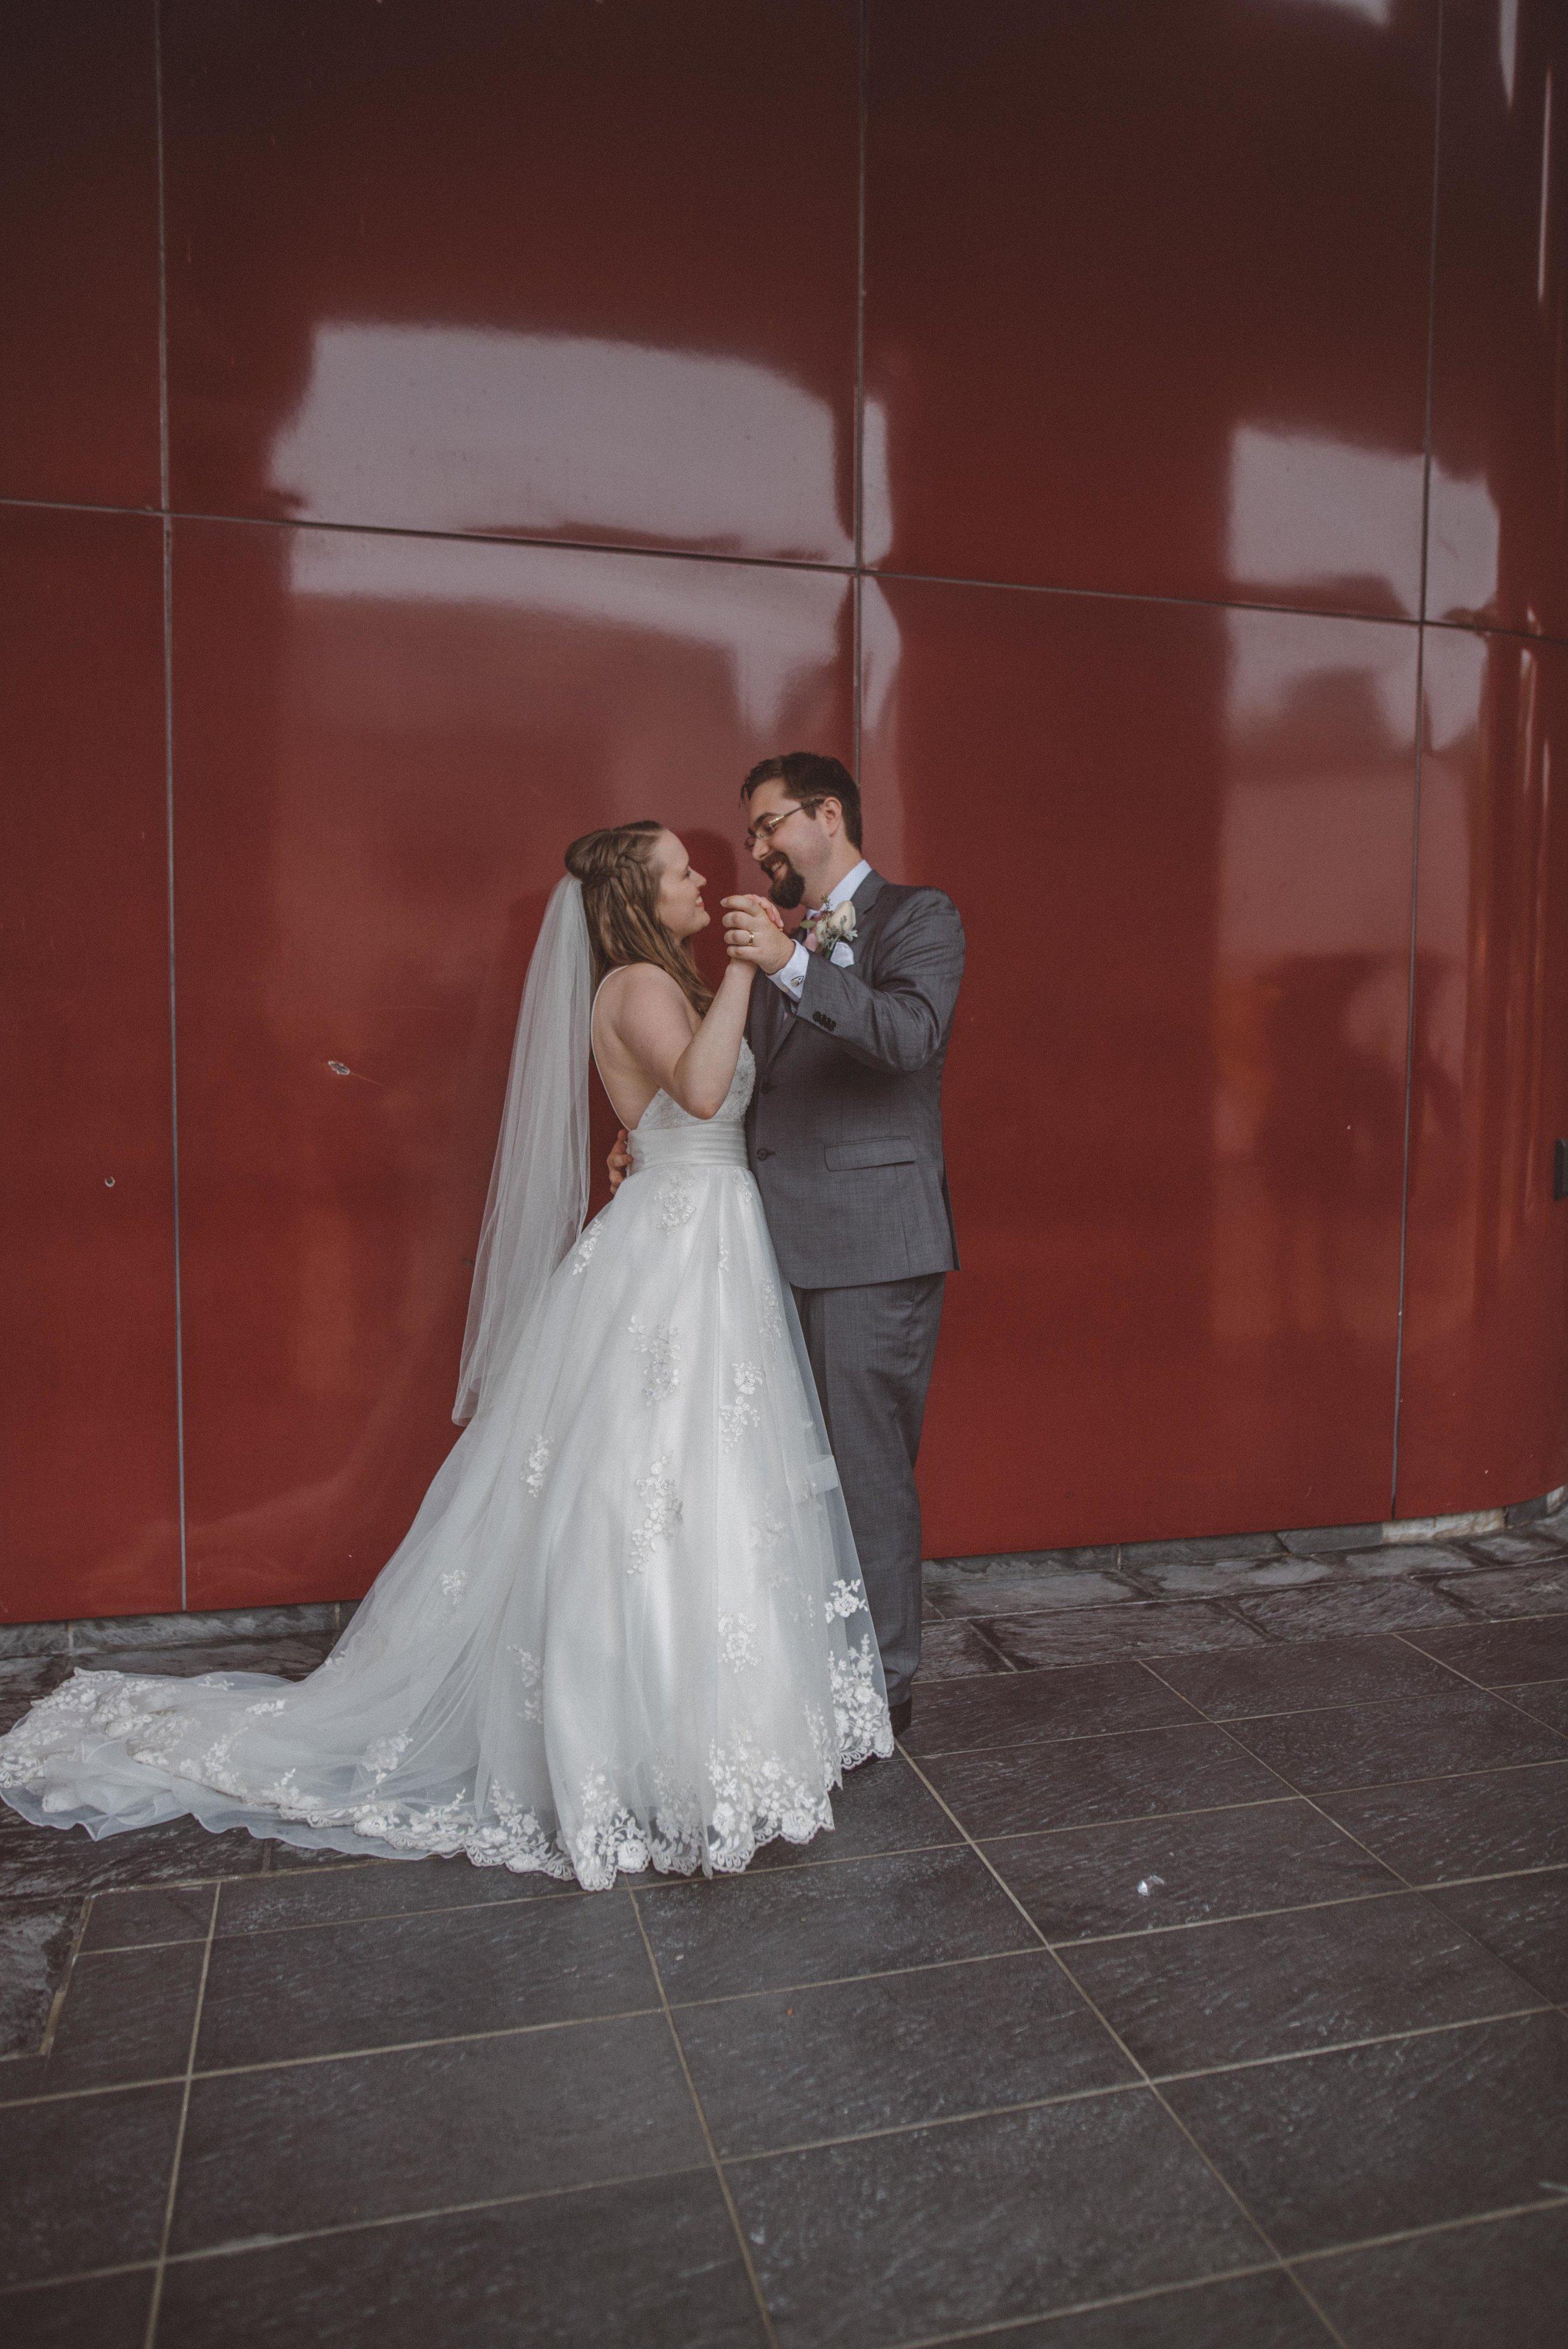 wedding_photographer_lifestyle_documentary_photographe_ottawa_gatineau-14.jpg